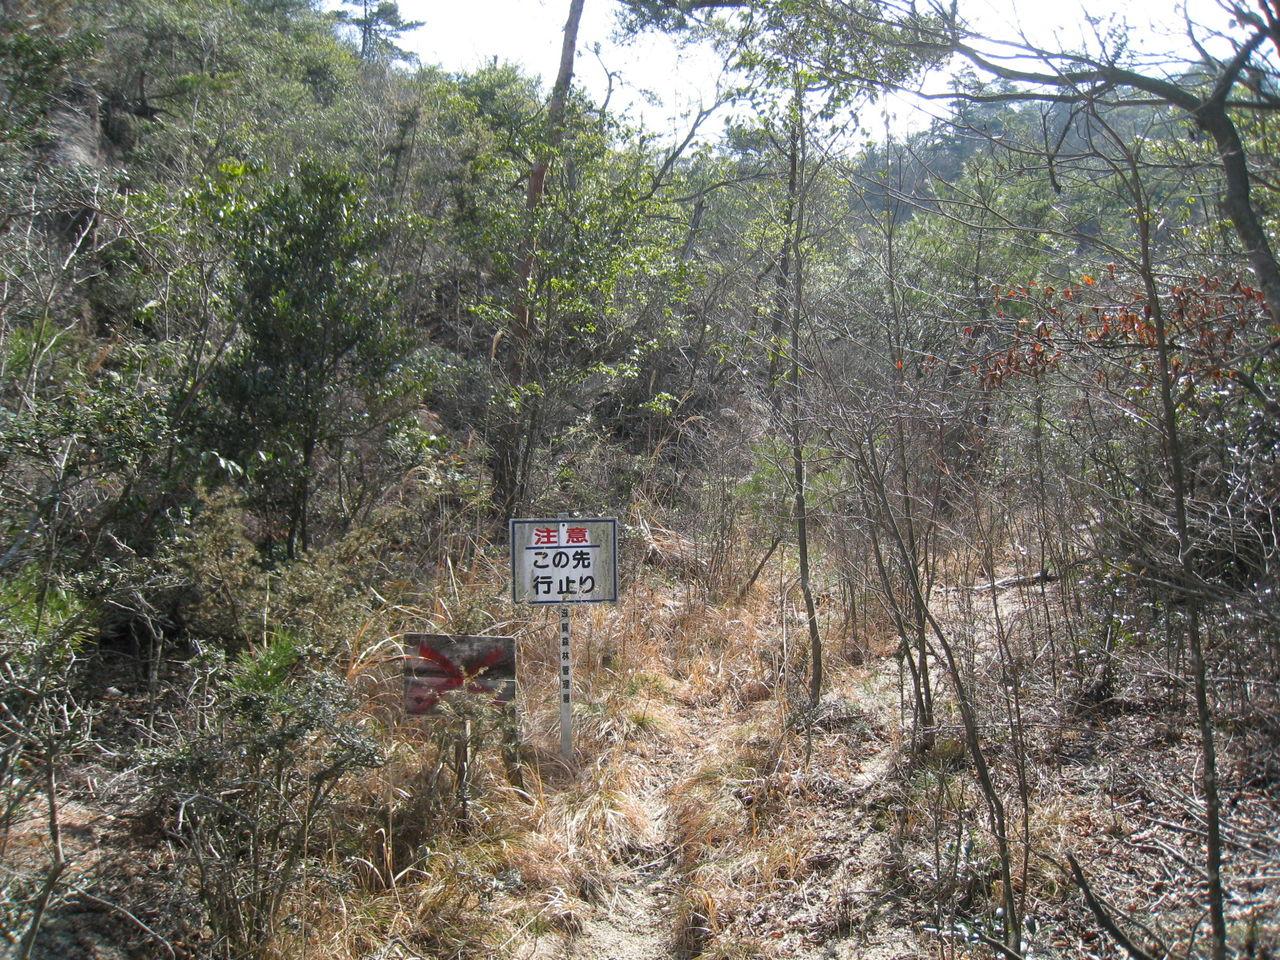 IMG_5407 冬山登山で遭難というニュースはよく聞きますが、最近では愛宕山(京都府)や高尾山